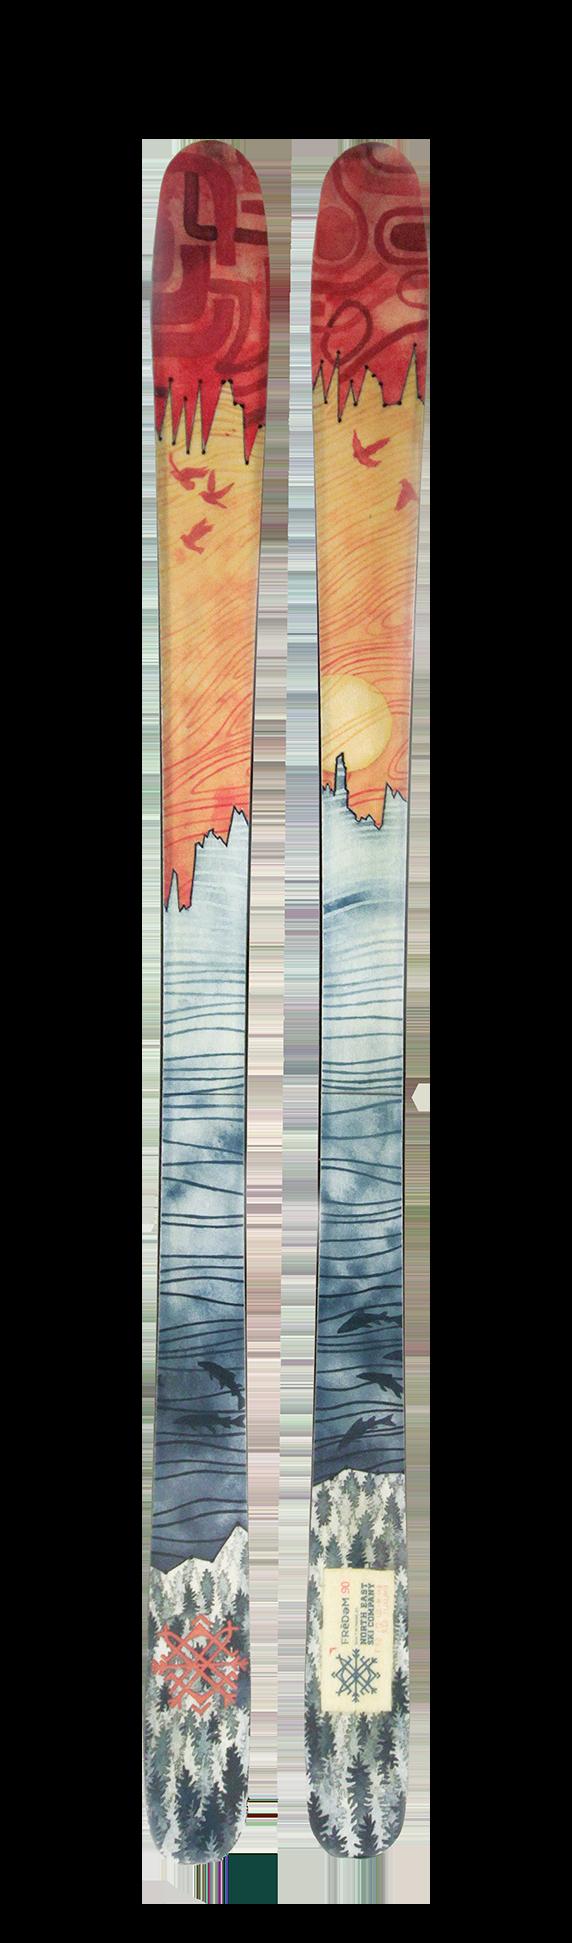 skis1943.png